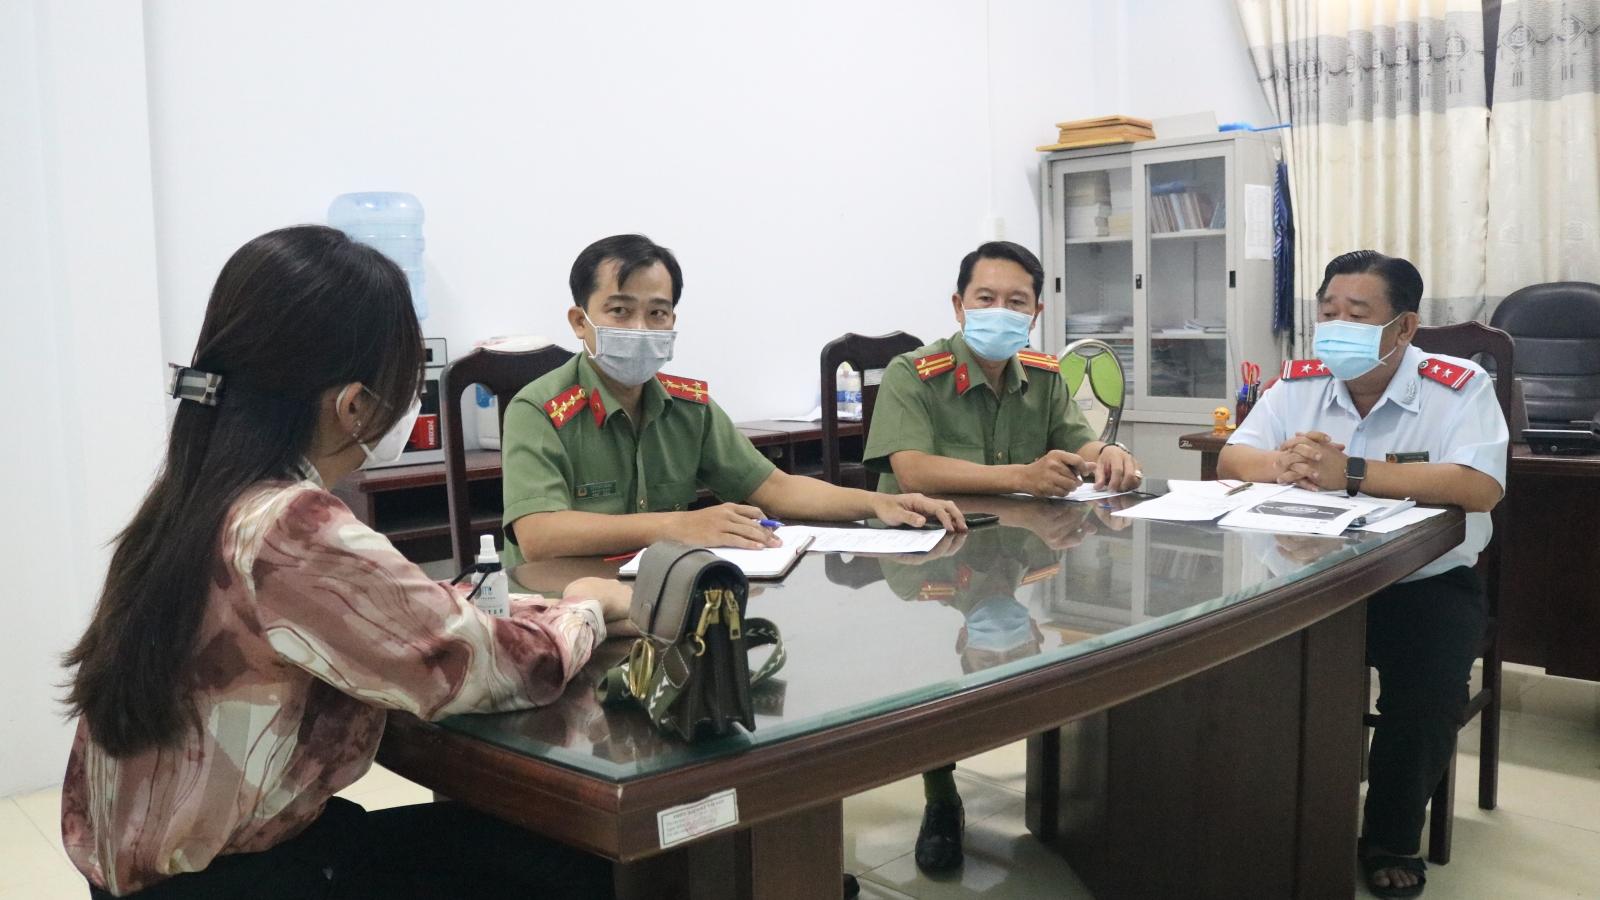 Xử lý 1 trường hợp đưa tin về dịch bệnh sai sự thật tại Kiên Giang